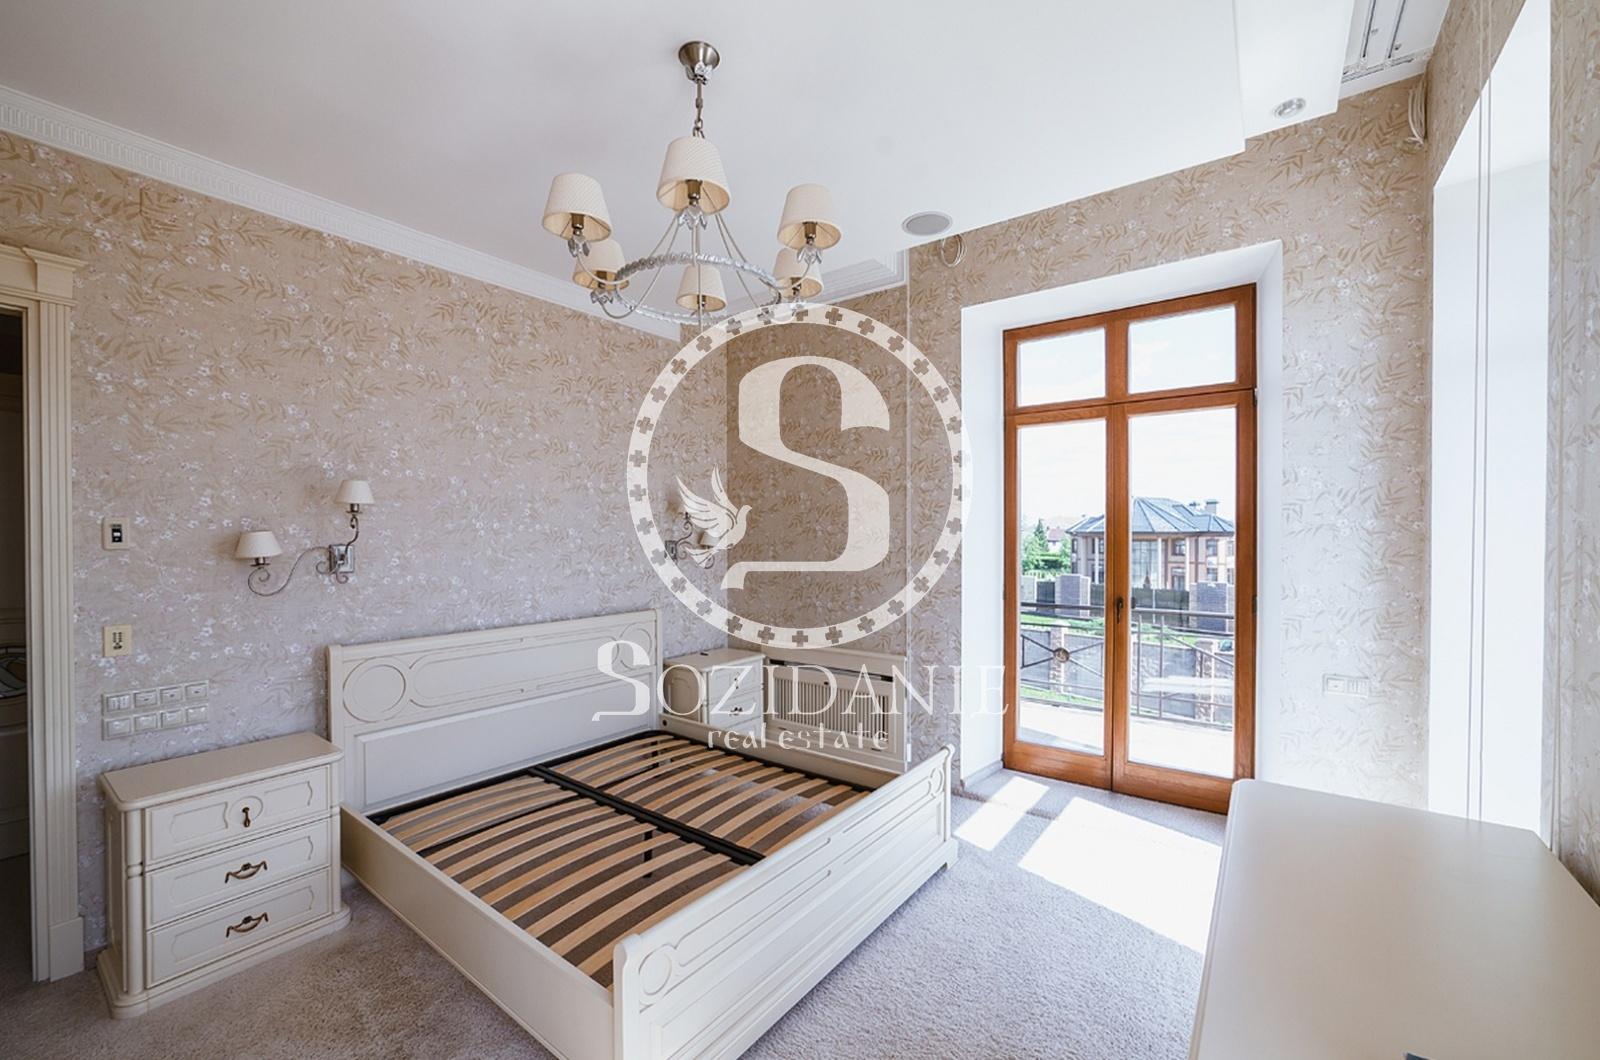 4 Bedrooms, Загородная, Продажа, Listing ID 1067, Московская область, Россия,